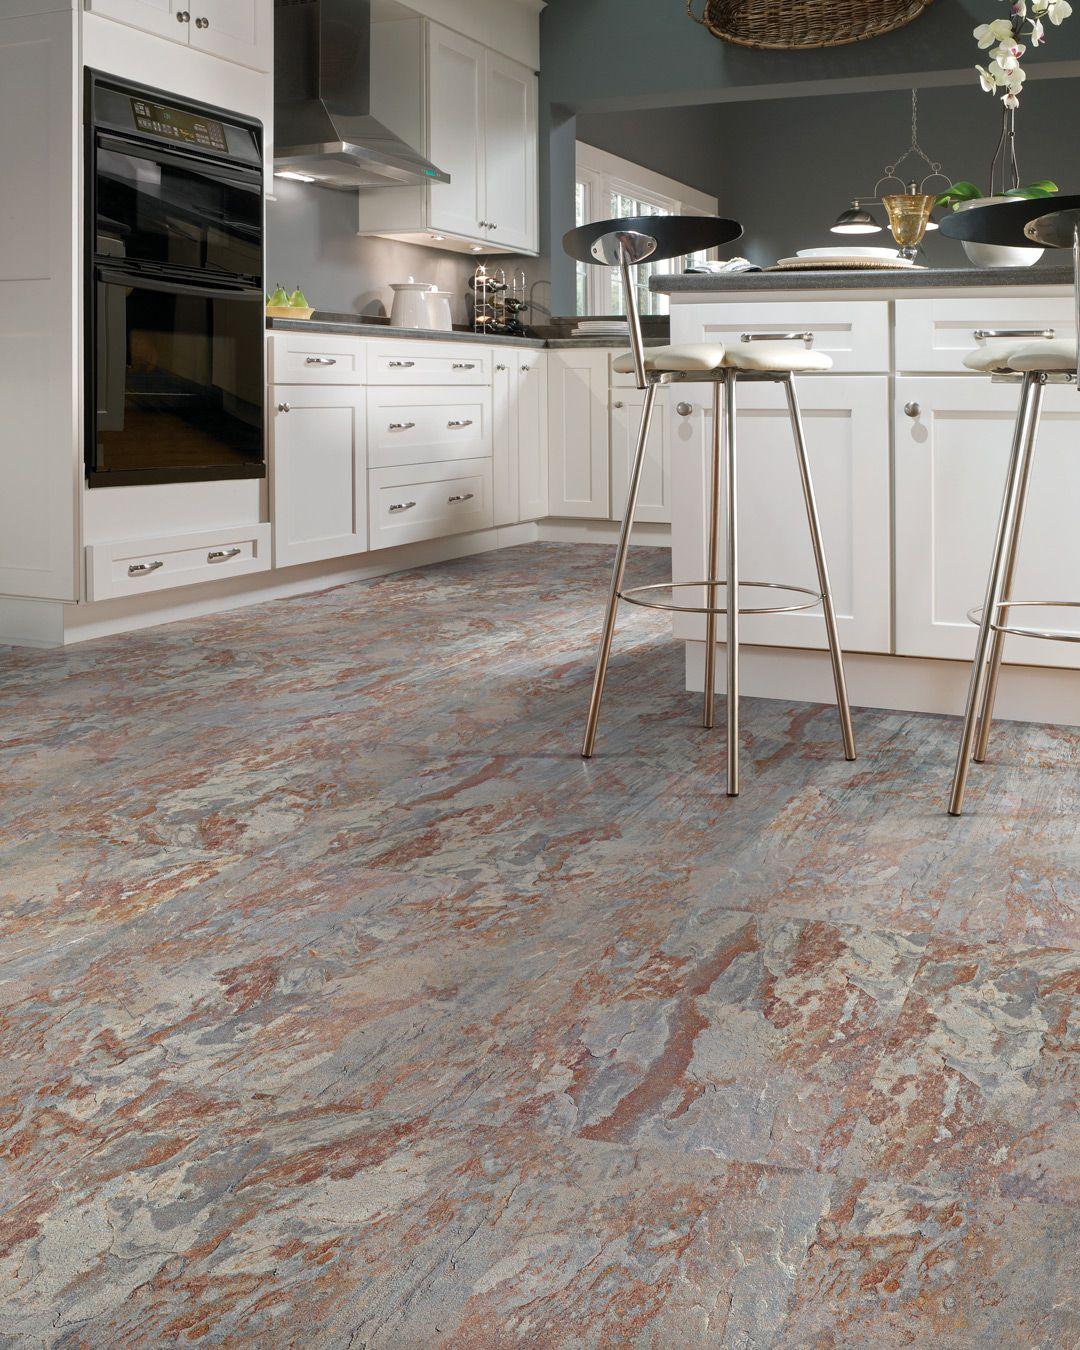 40pc1001 Slate Autumn Kitchen Flooring Beautiful Kitchens Kitchen Flooring Options